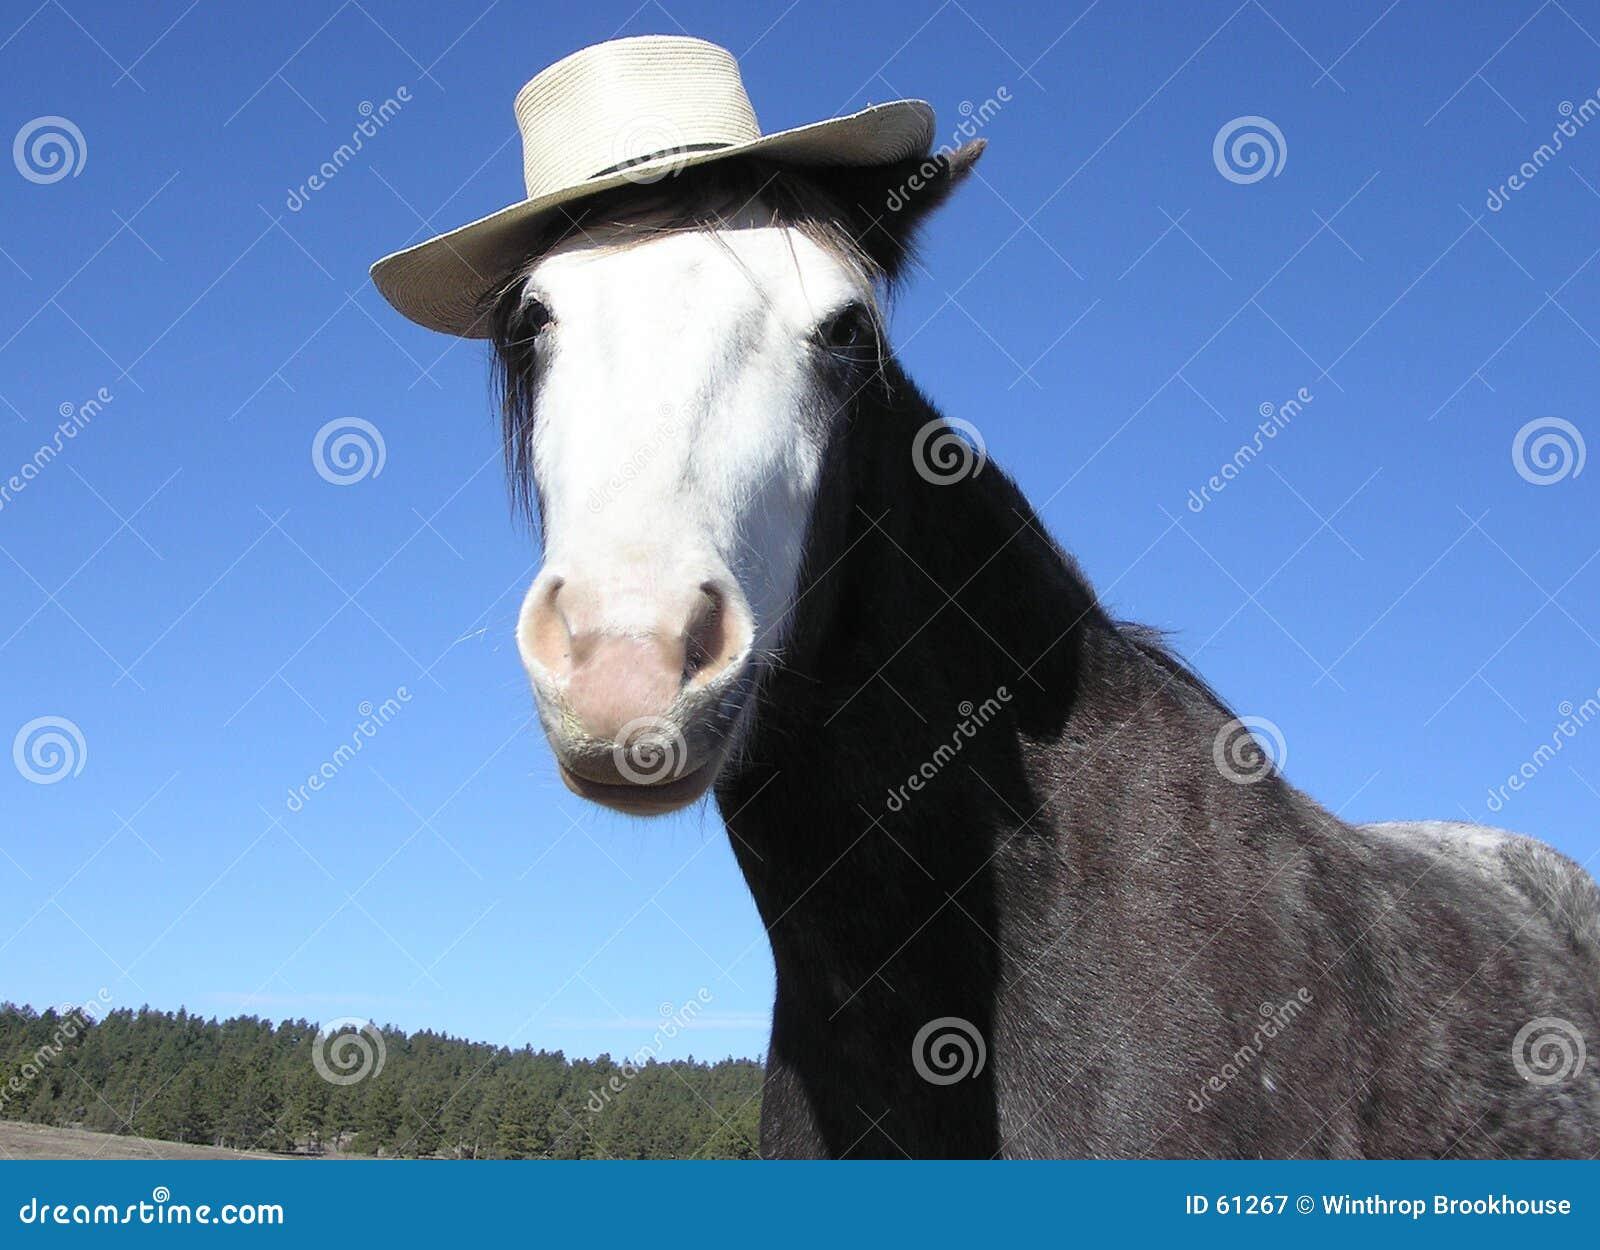 Cavallo con il cappello